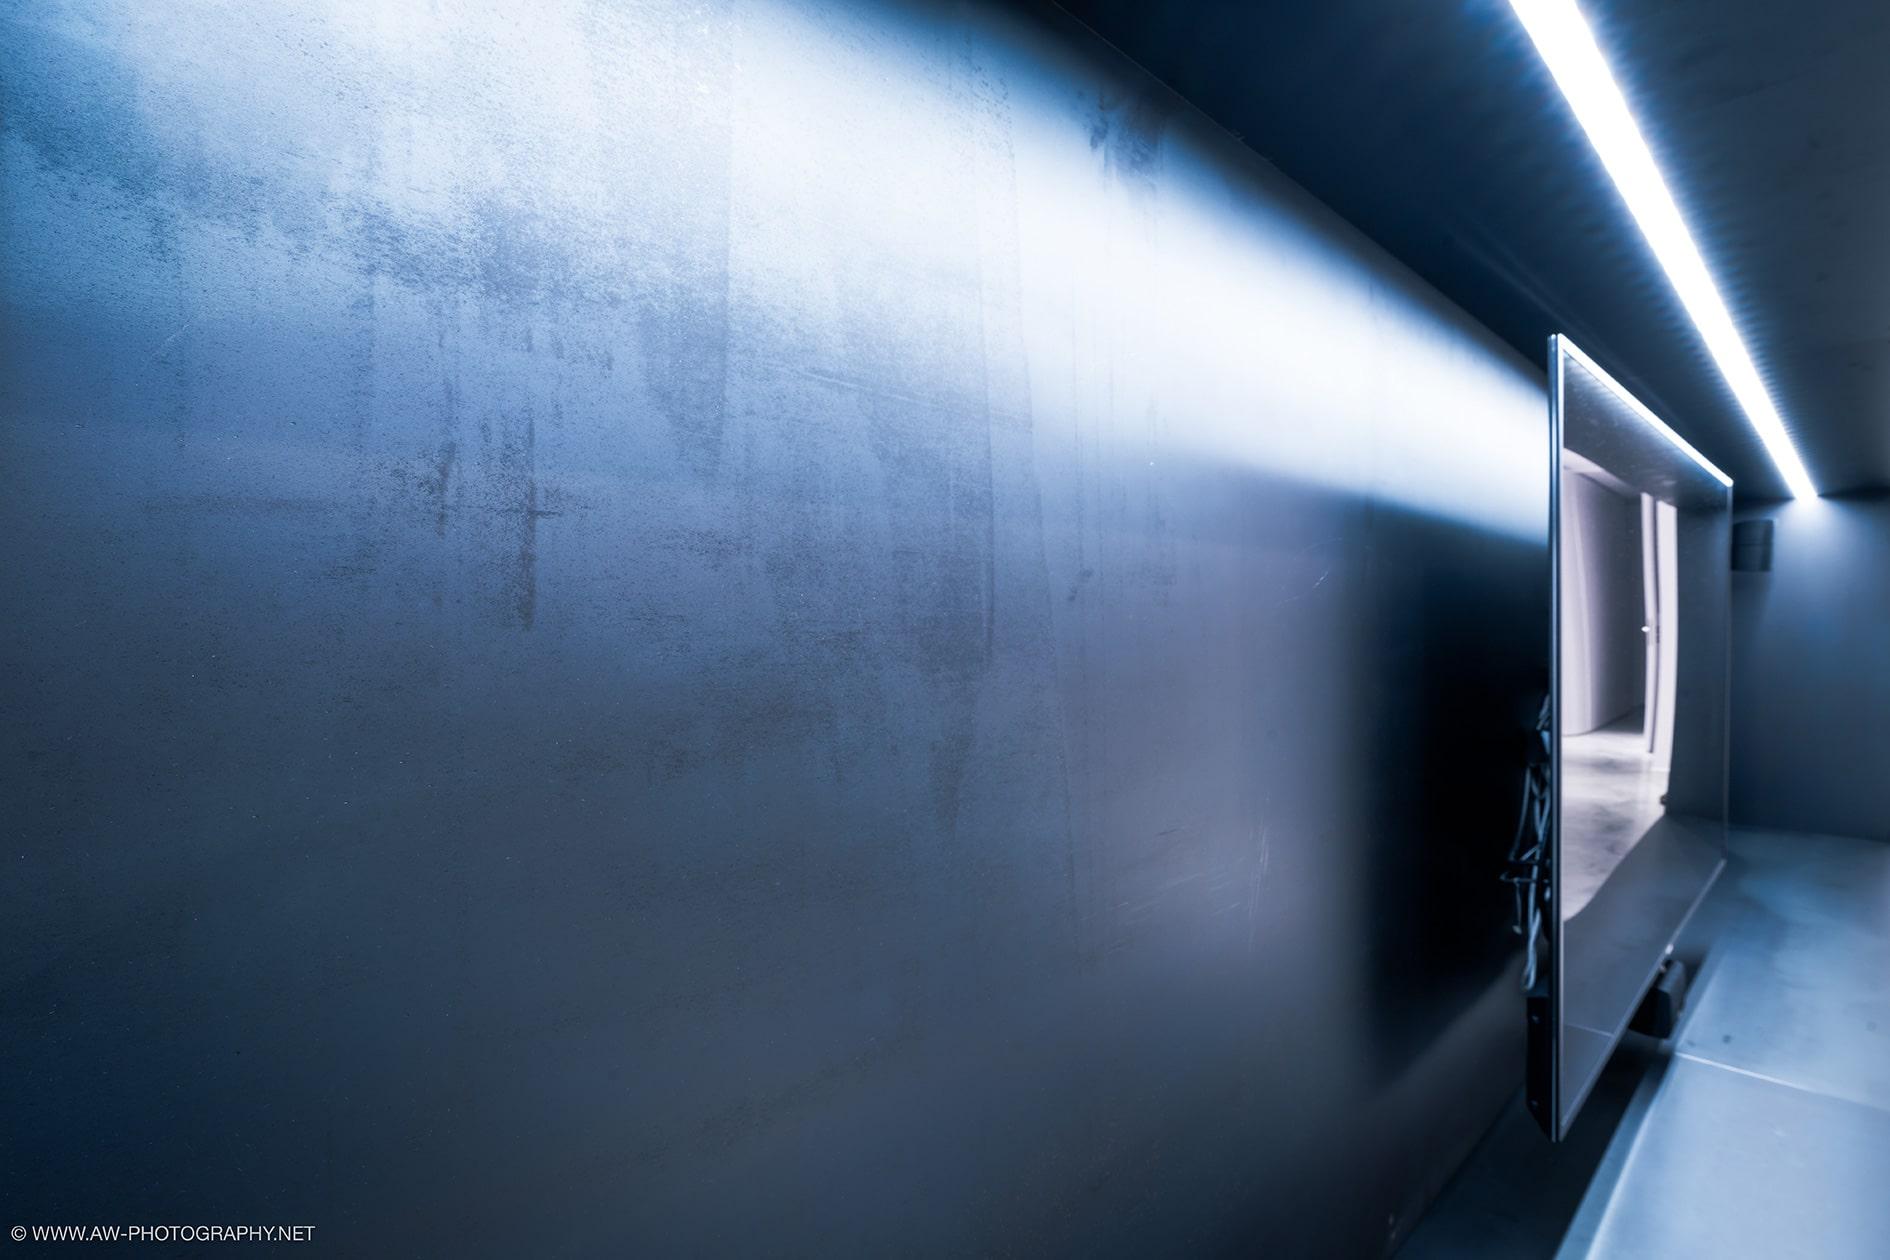 Innenausbau Penthousewohnung von VOIT in Schlichtstoff weiß und Stahl geschwärzt - Nahaufnahme TV Regal mit TV aus Stahl geschwärzt